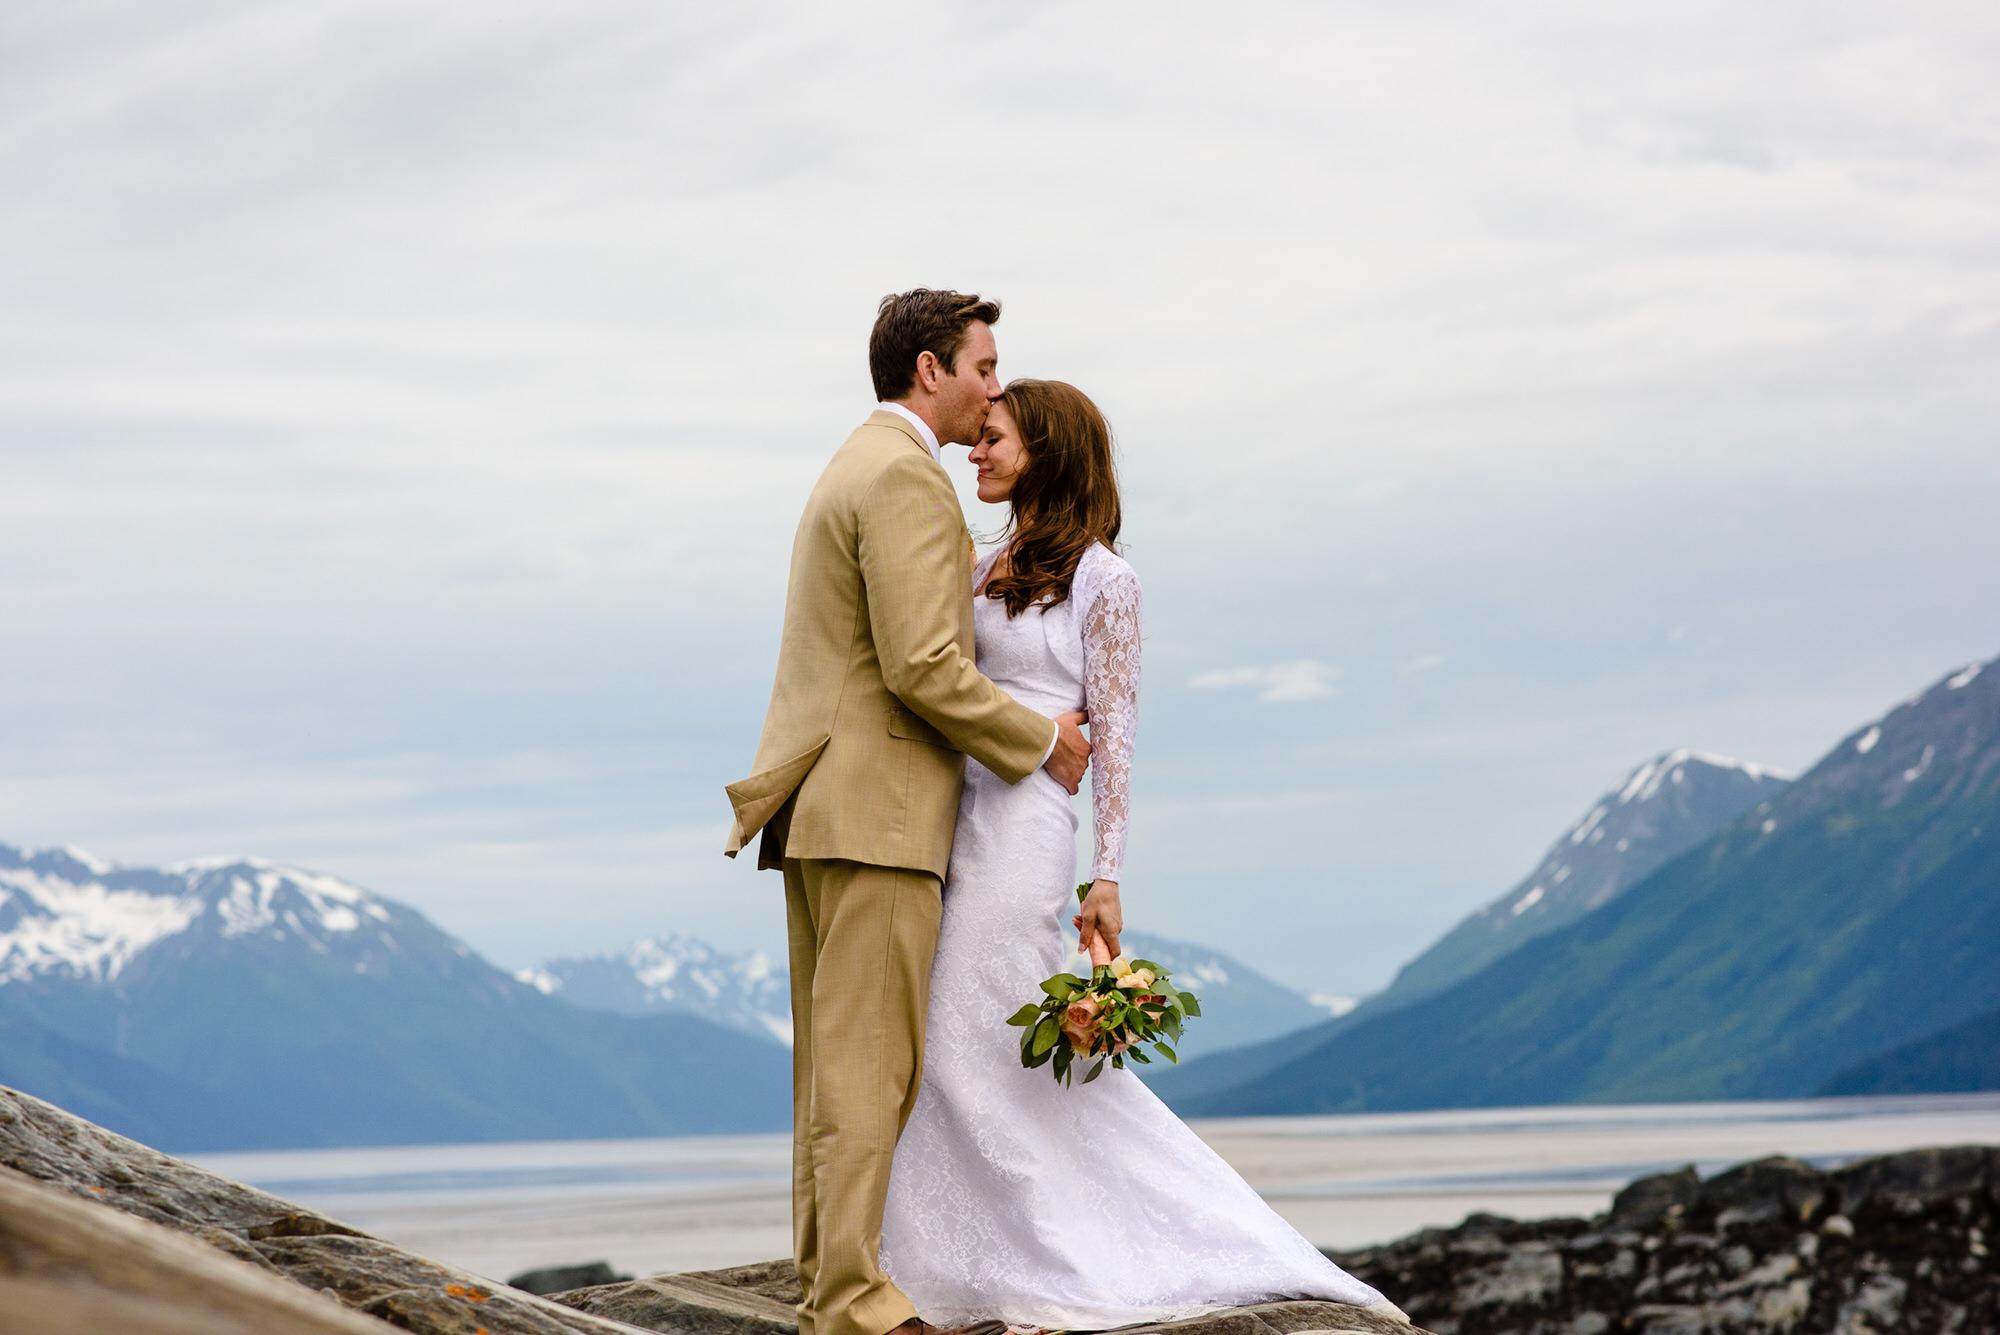 home - ilana natasha photography | madison wi wedding photographer